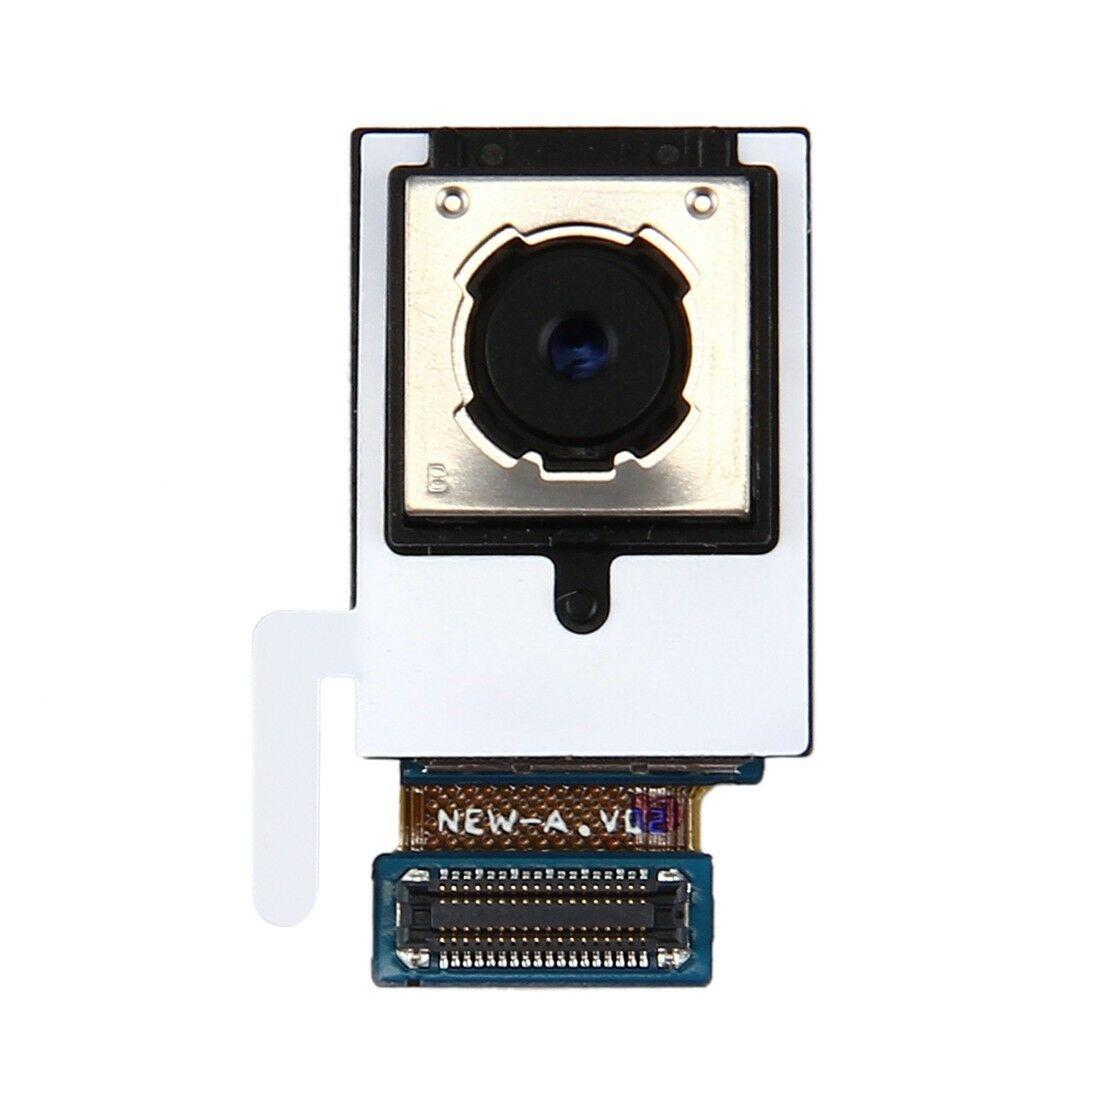 For Samsung Galaxy A5 2016 SM-A510F/Galaxy A7 2016 SM-A710F Rear Back Facing Camera Module(China)